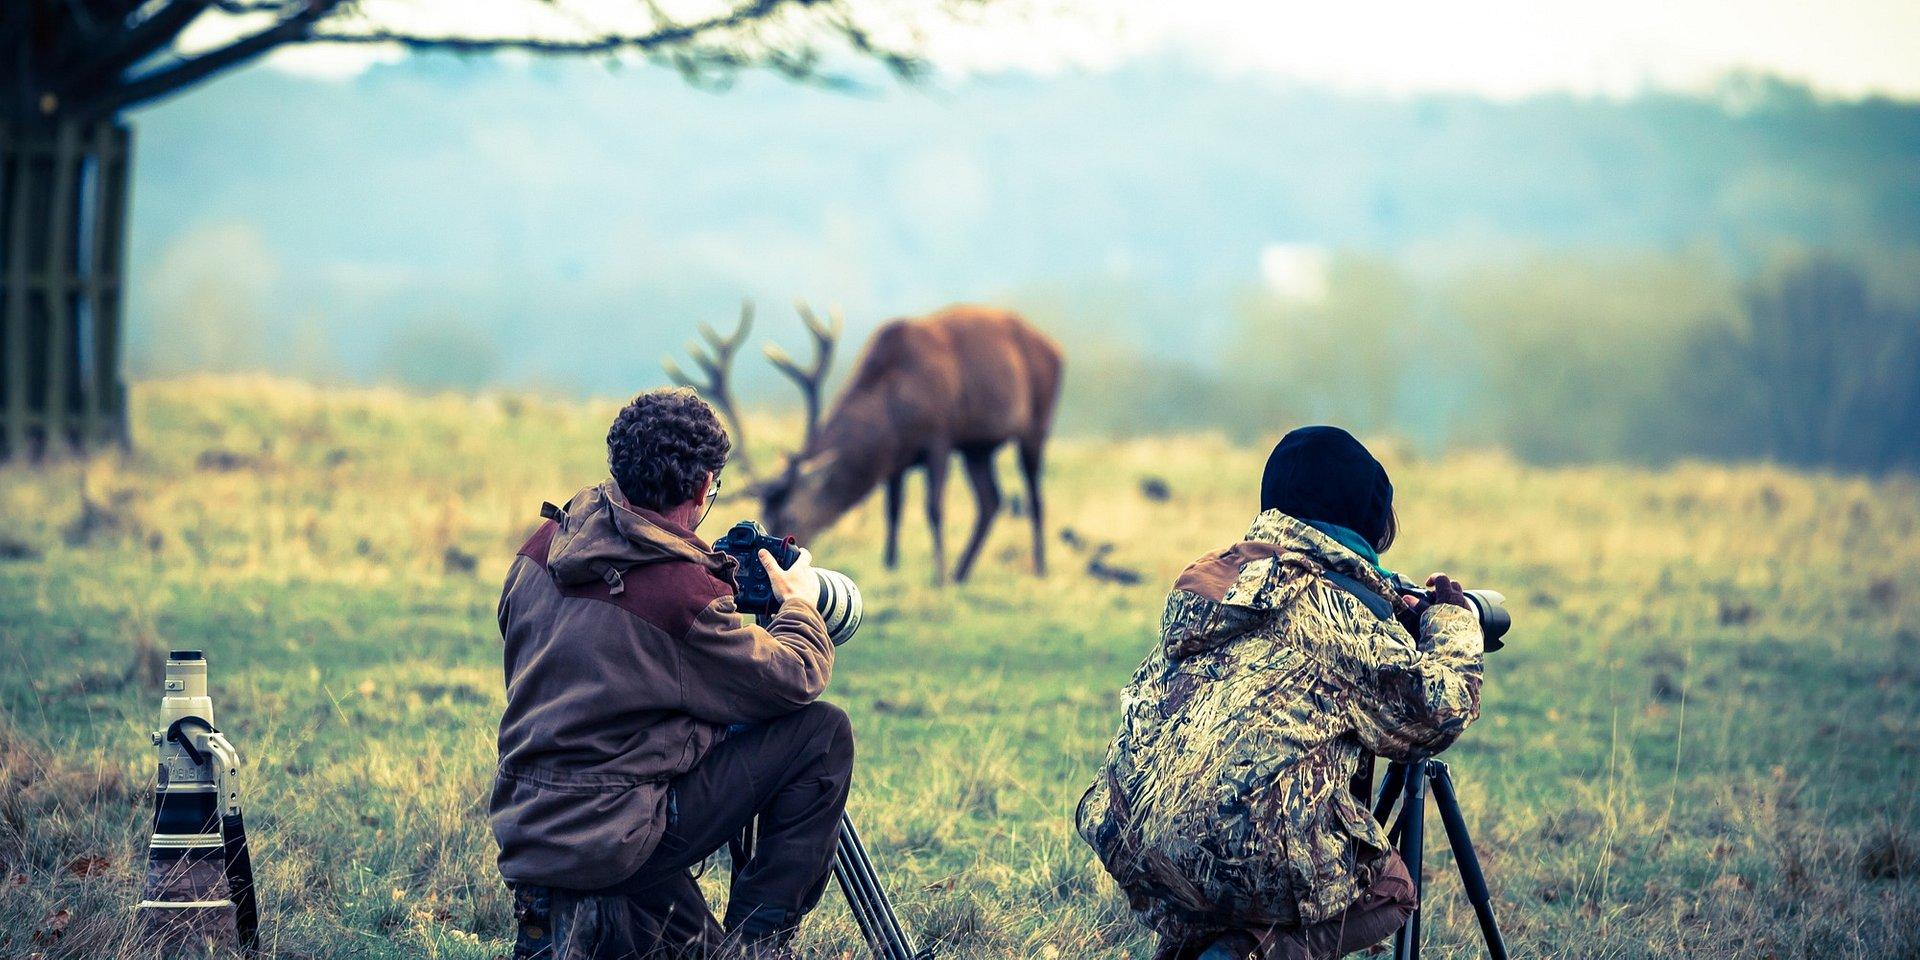 Jak fotografować zwierzęta?